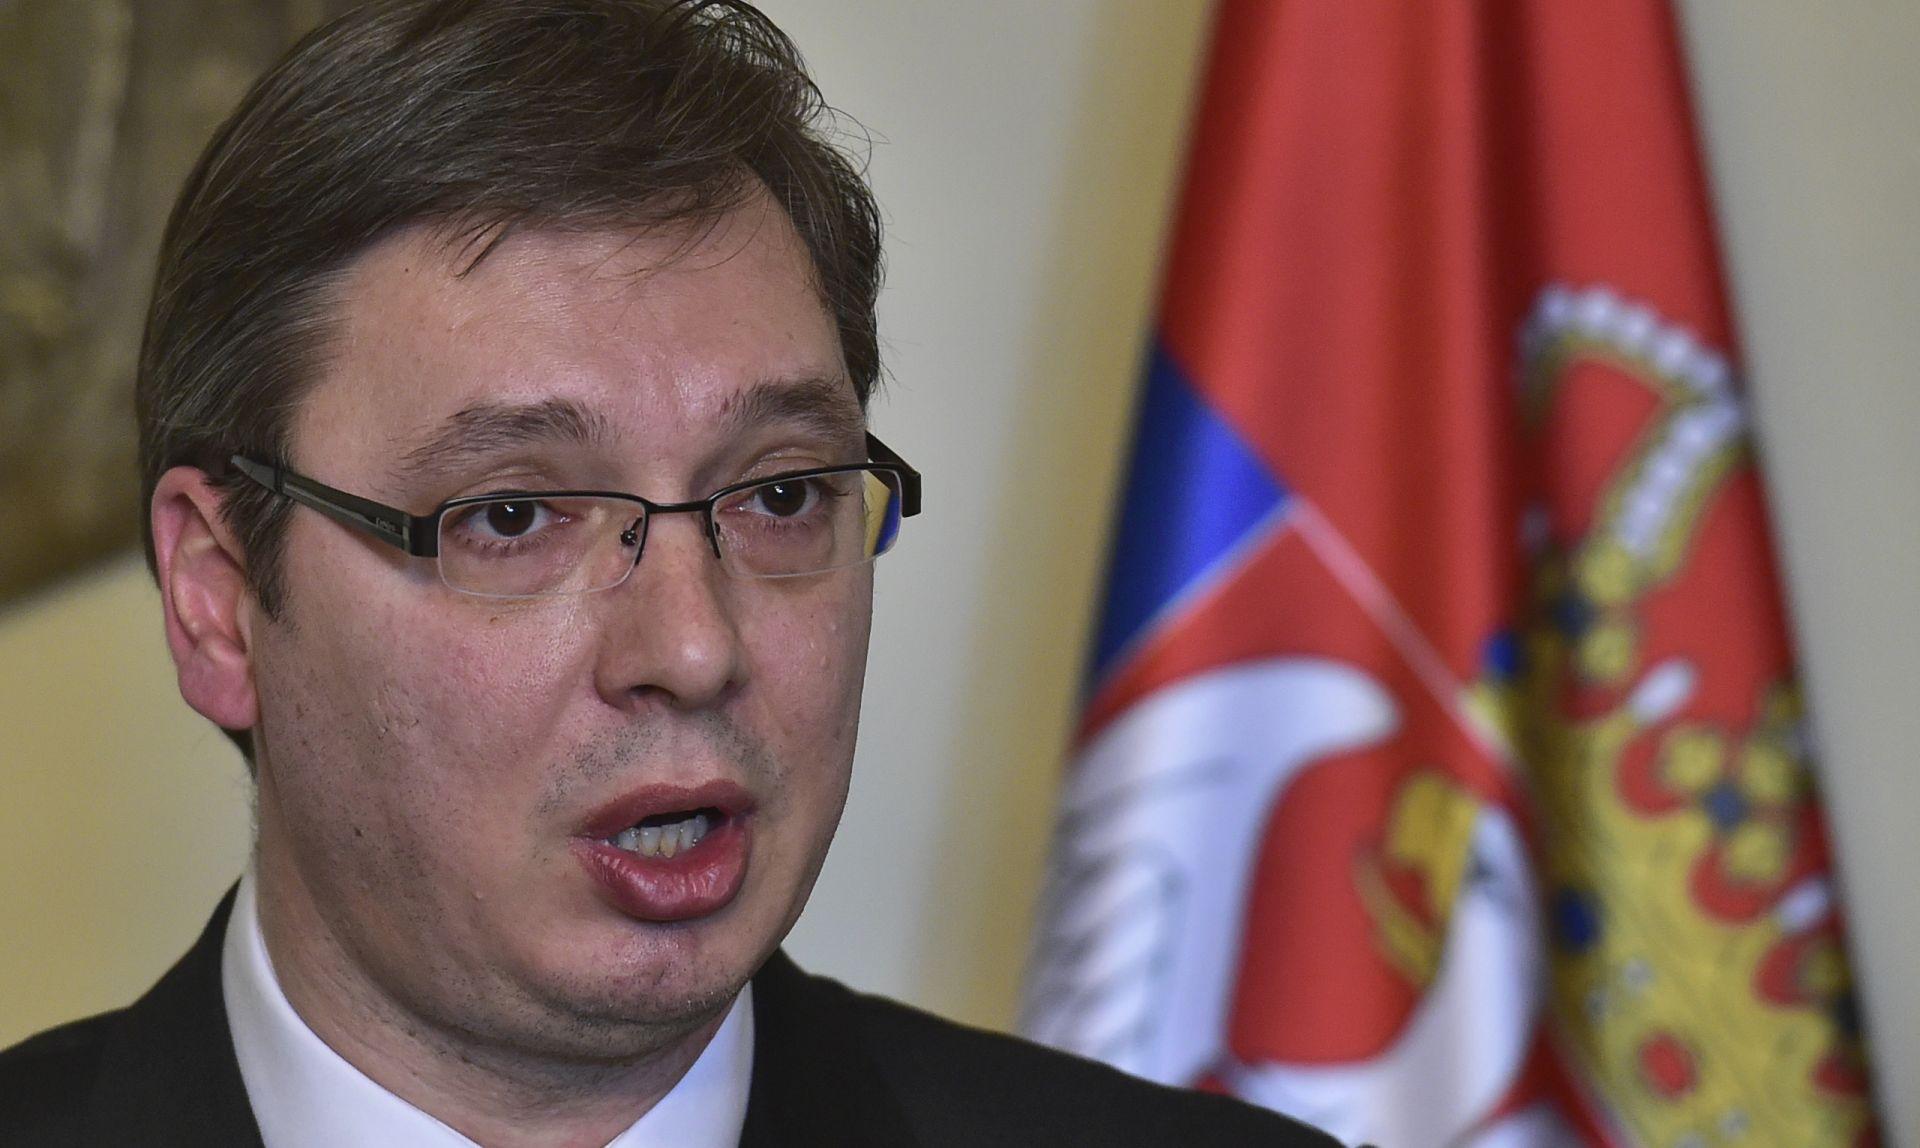 Vučić i Kurz: Potpora europskom putu, rješavanju izbjegličke krize i daljnjem razvoju